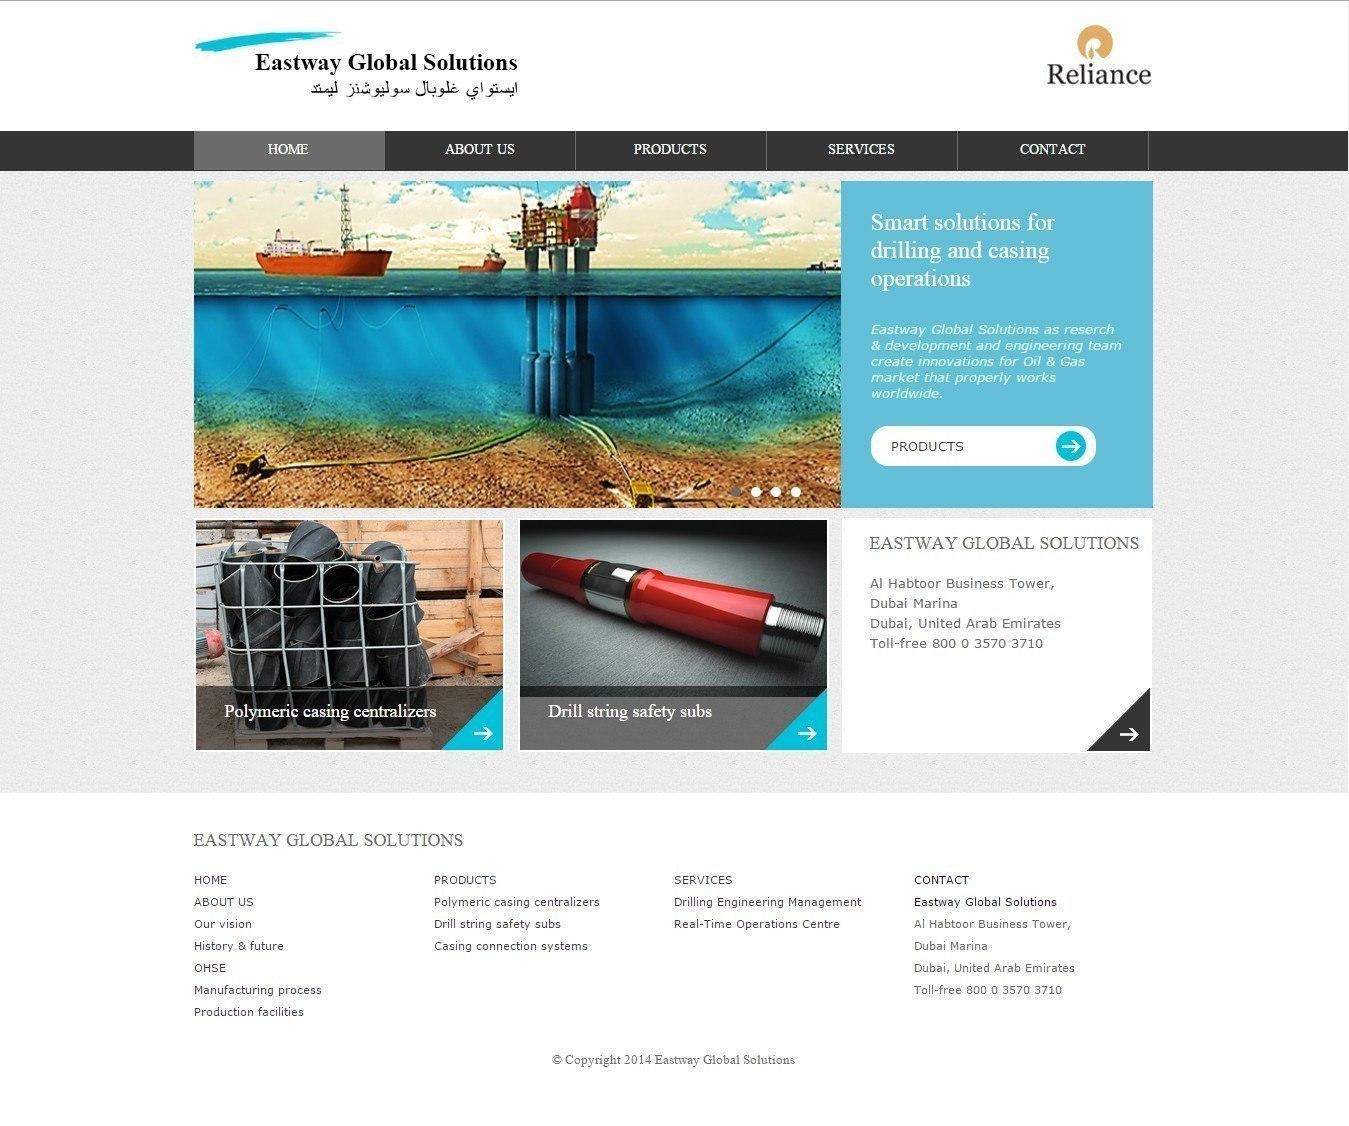 Сайты фриланса для верстальщиков сайтов менеджер по грузоперевозкам удаленная работа